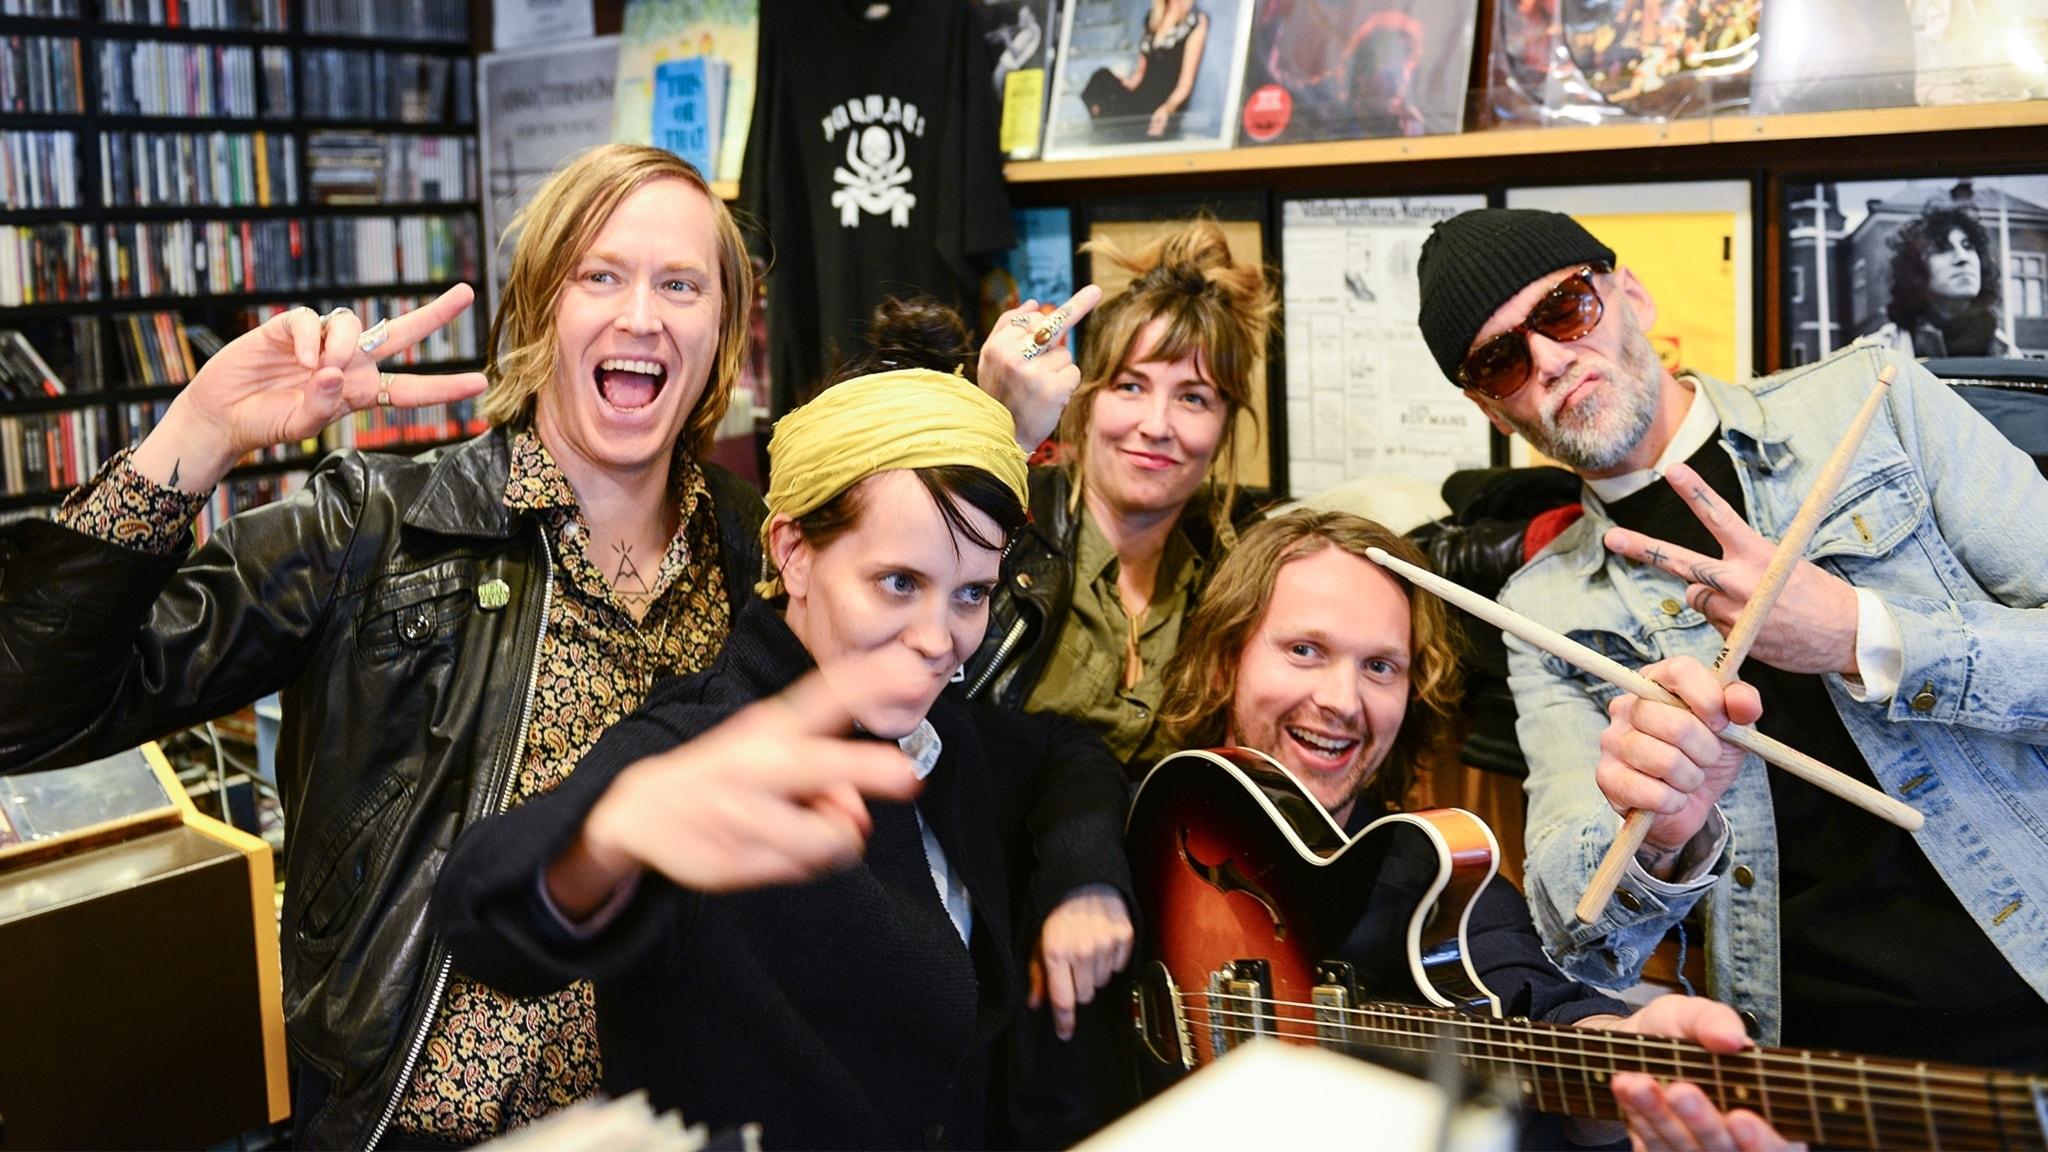 Häng med när vi dyker upp med INVSN i en skivbutik i Umeå